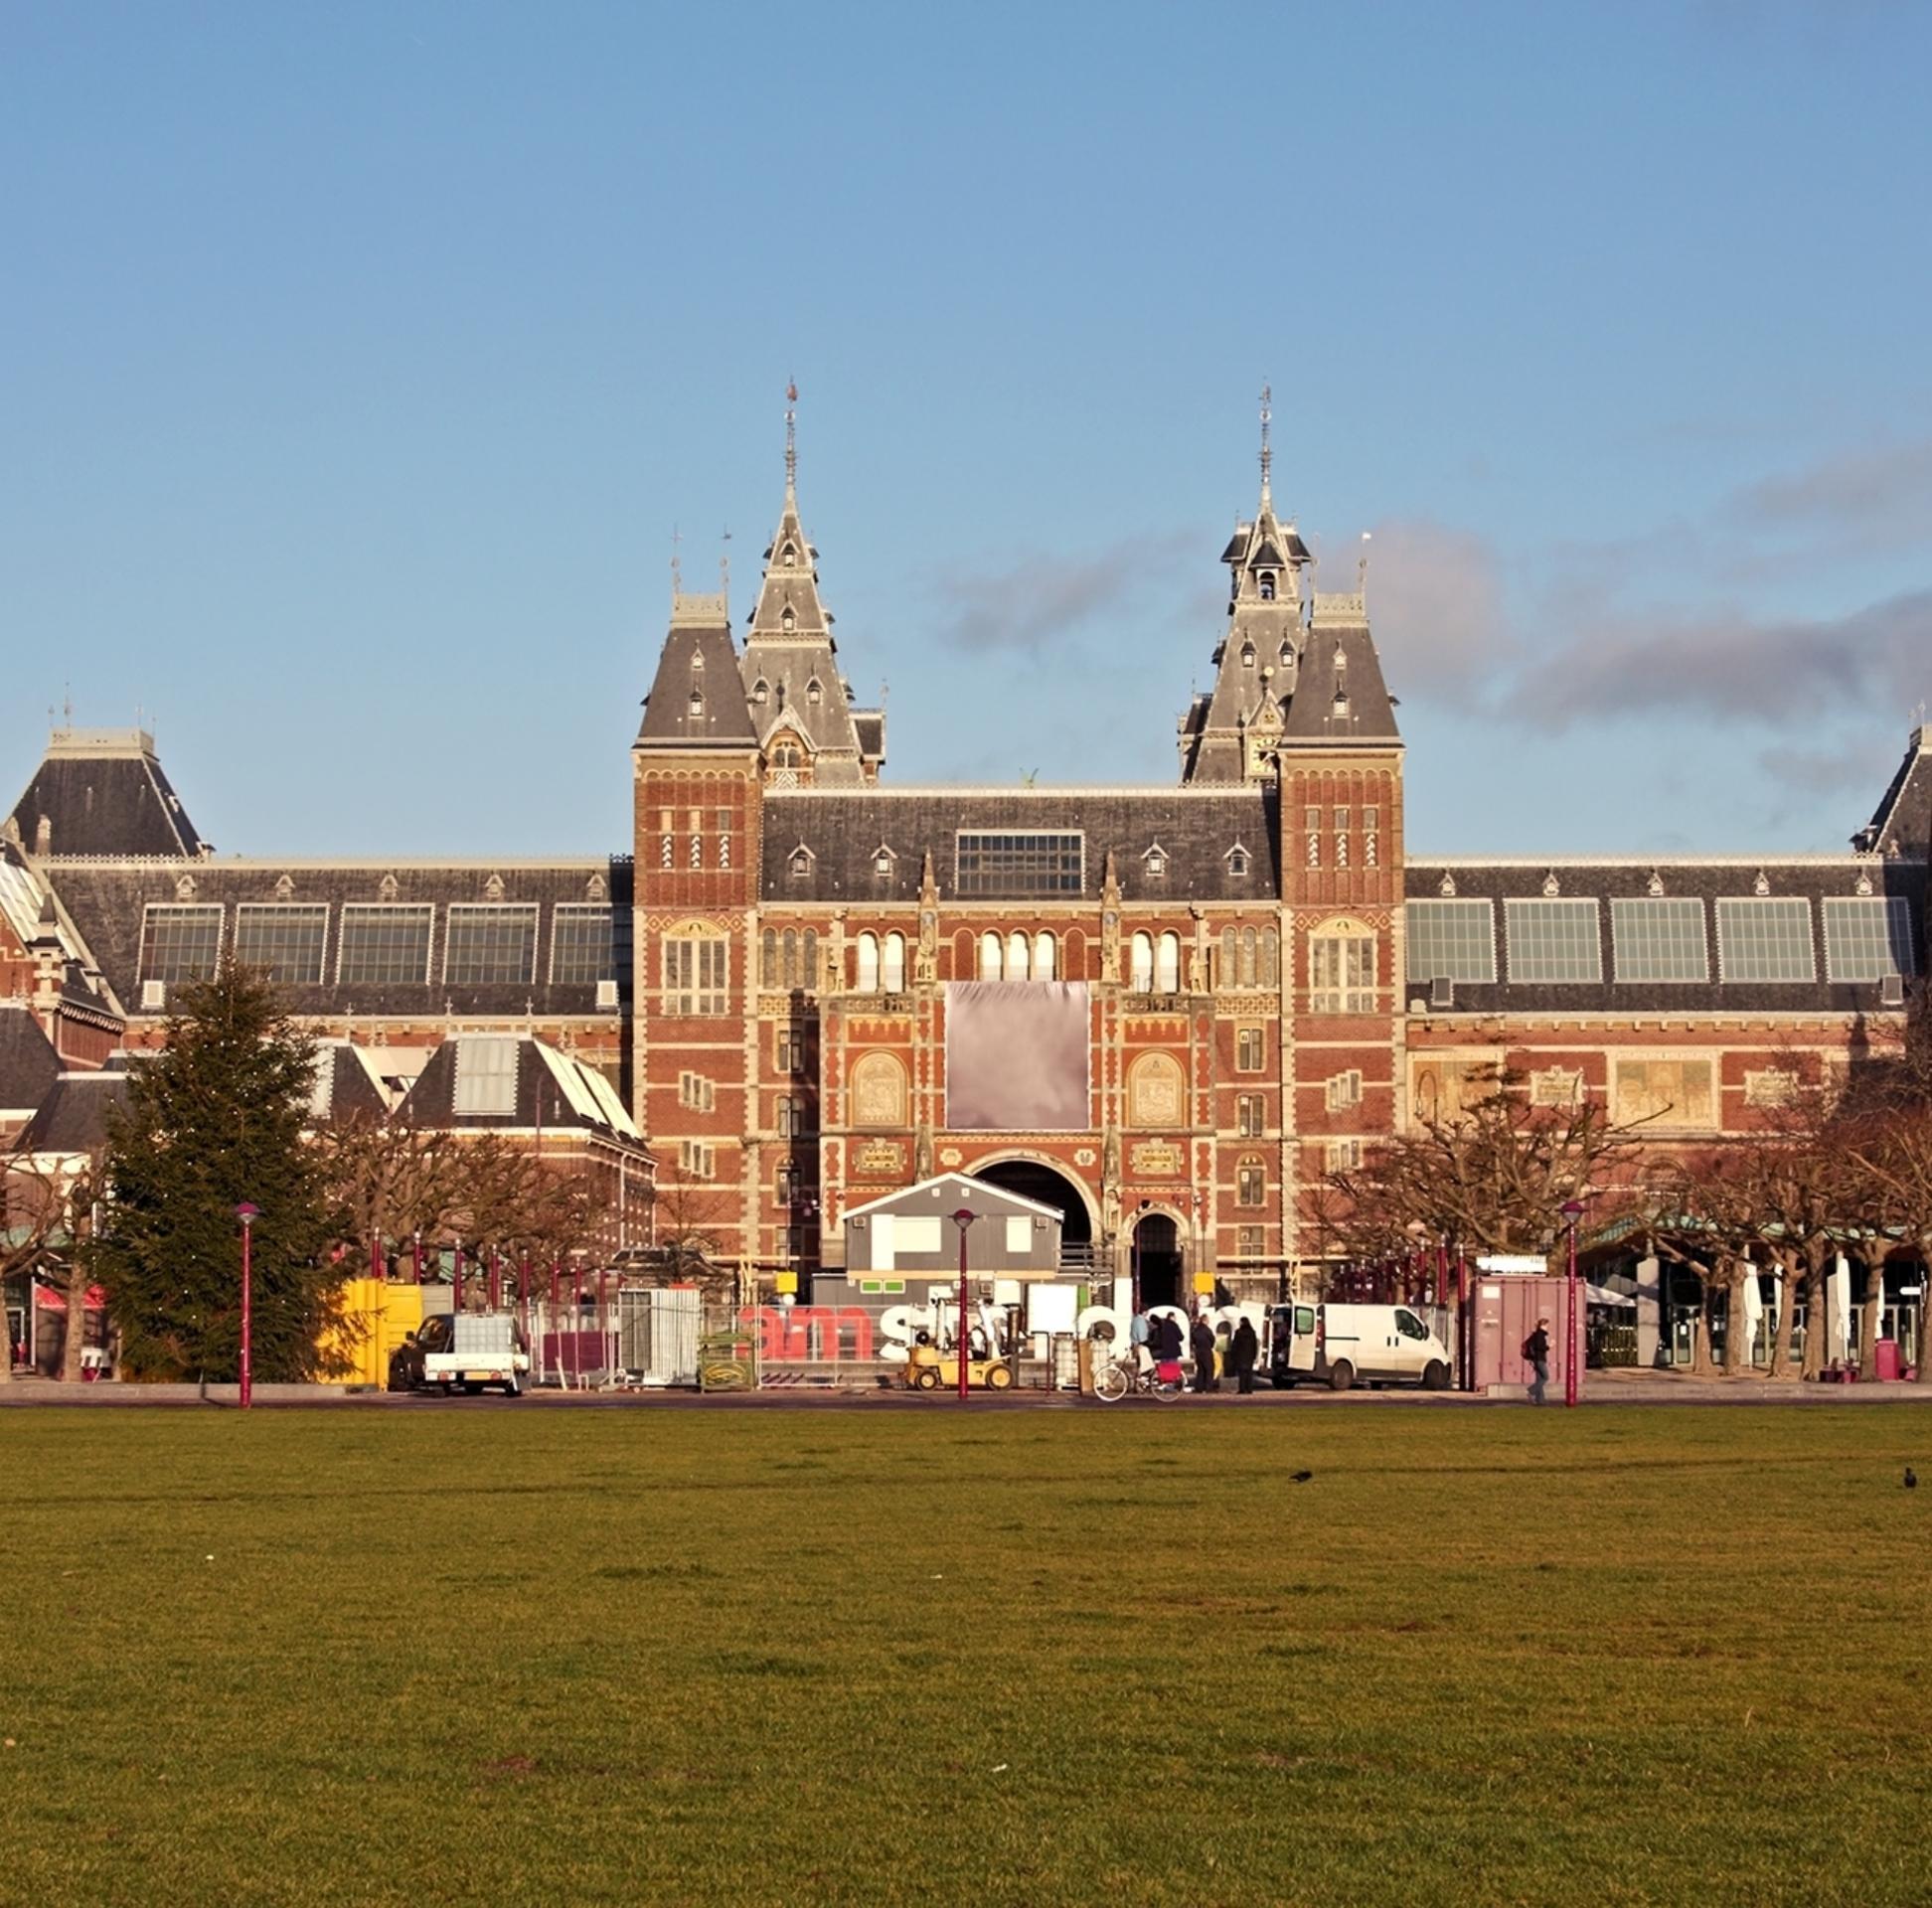 Ver la ciudad,City tours,Visitas en barco o acuáticas,Cruises, sailing & water tours,Crucero por los canales,Canal Cruise,Rijksmuseum,Rijksmuseum,Con crucero,Con actividad